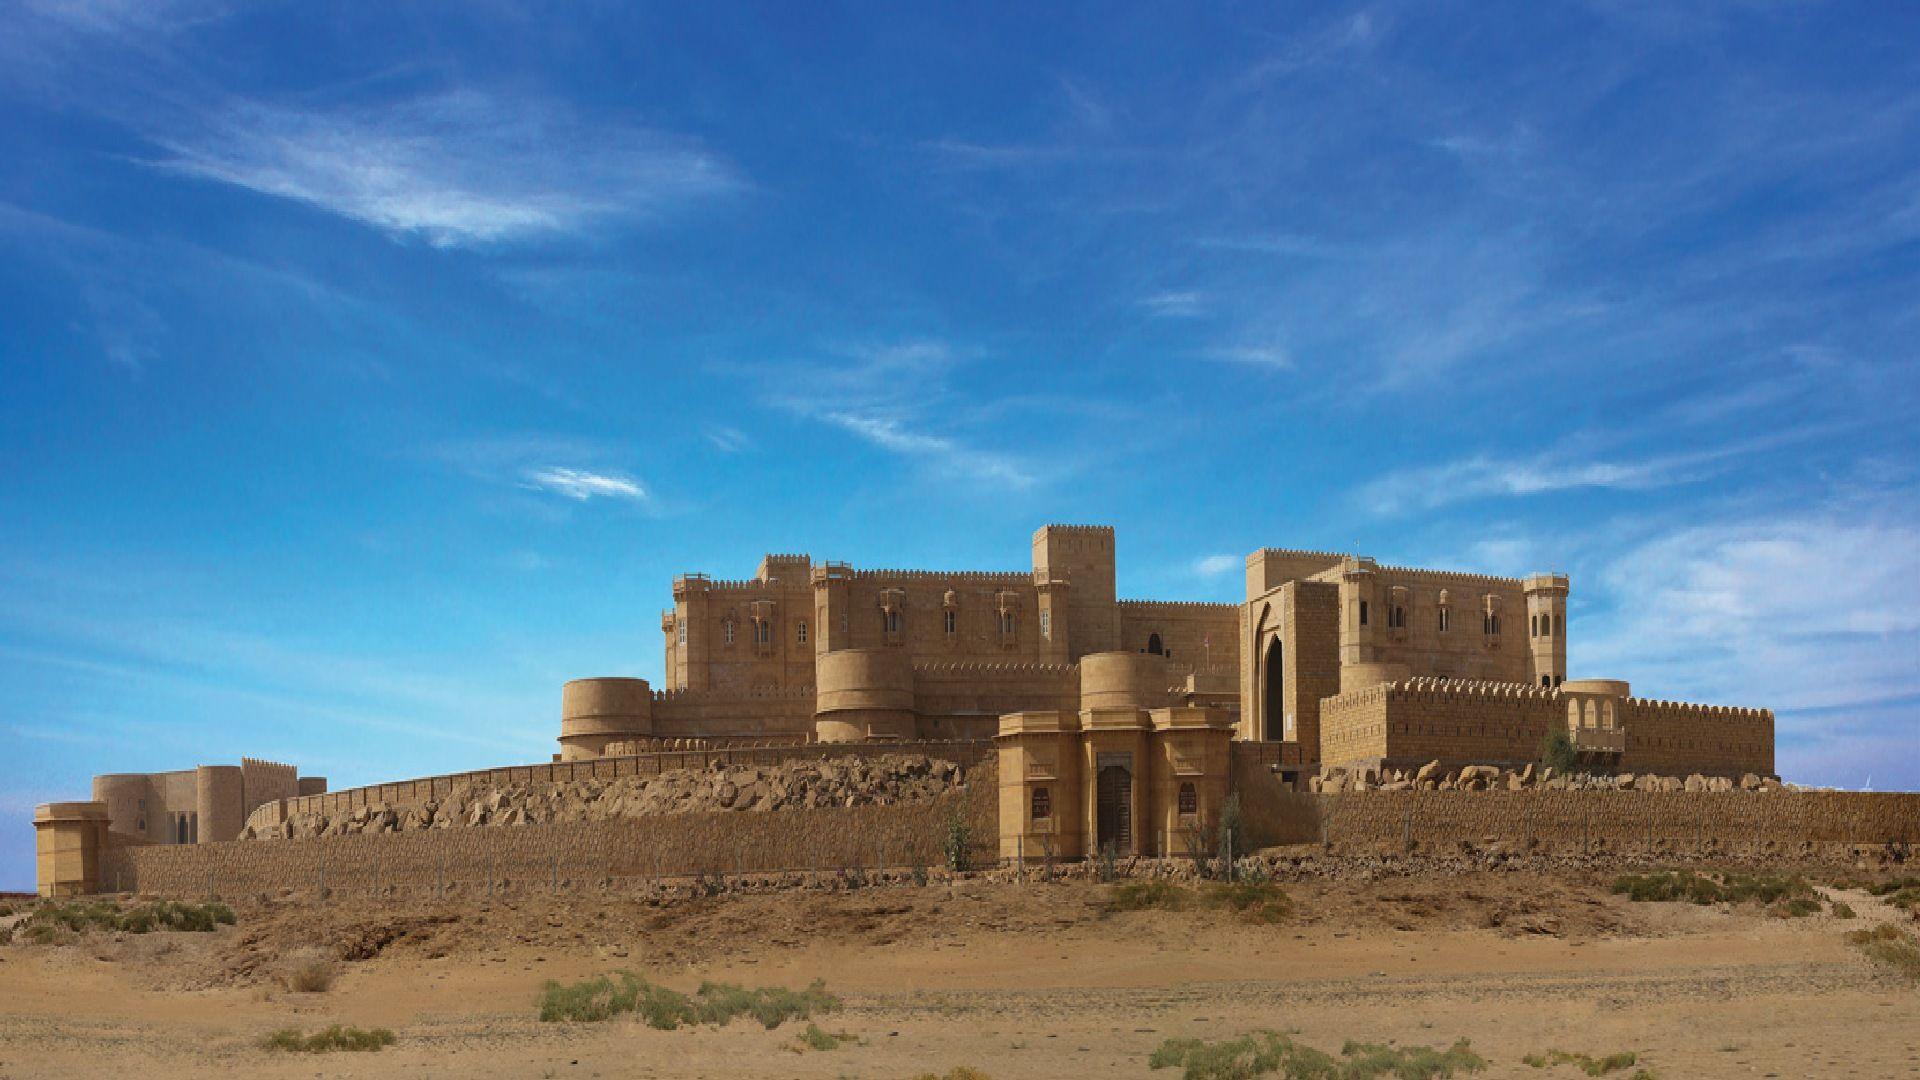 Suryagarh Jaisalmer Is Your Gateway To The Thar Desert Best Boutique Hotelsjaisalmerluxury